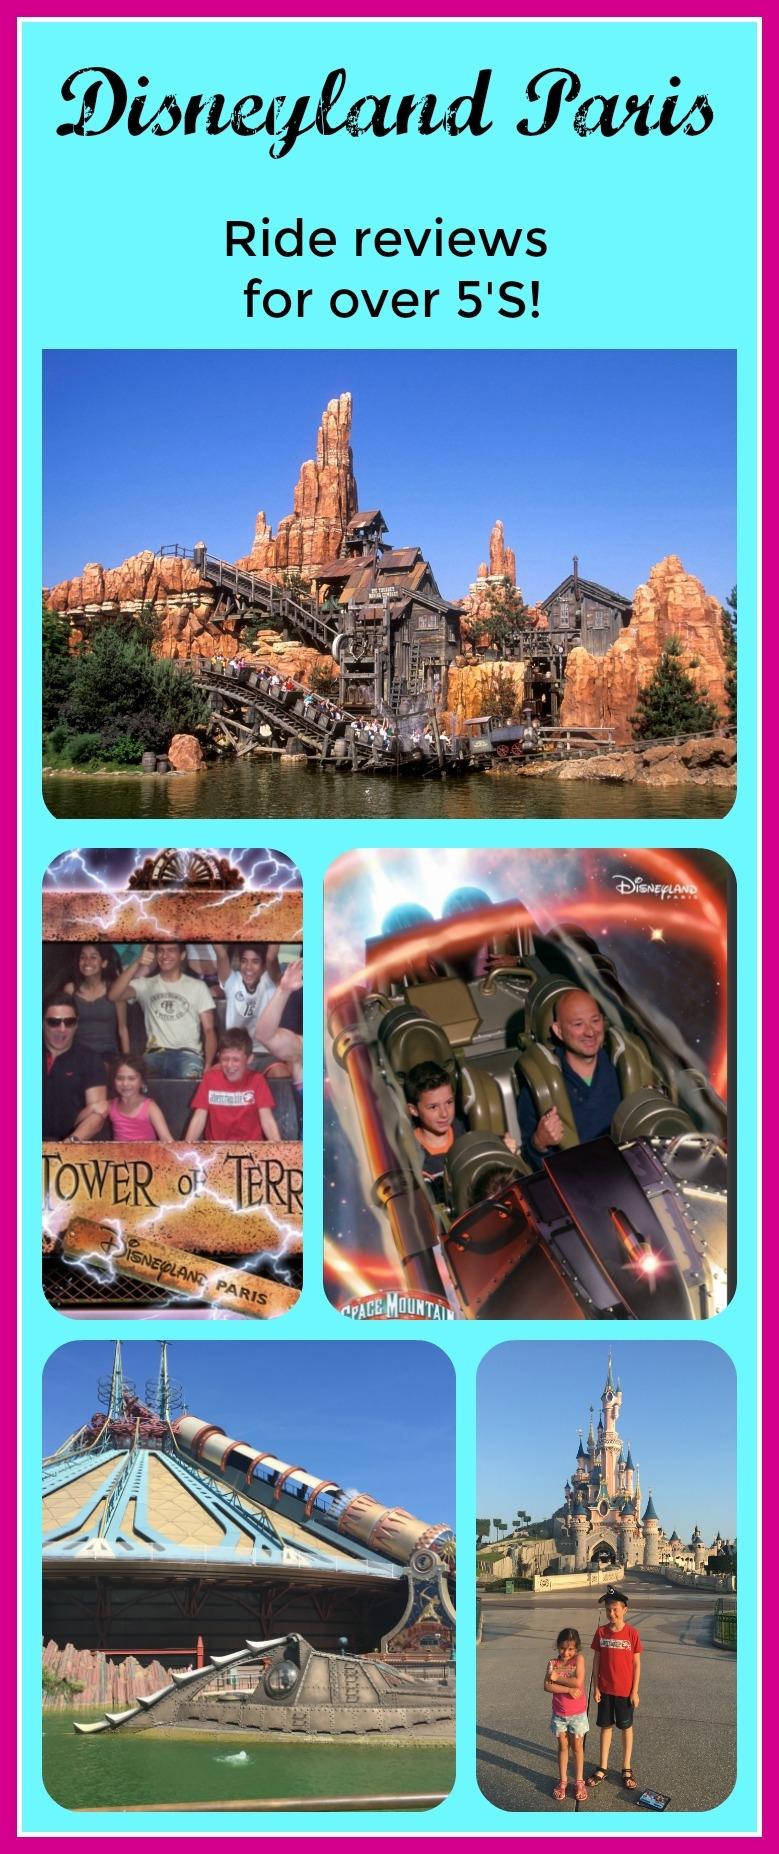 Disneyland Paris Ride Review